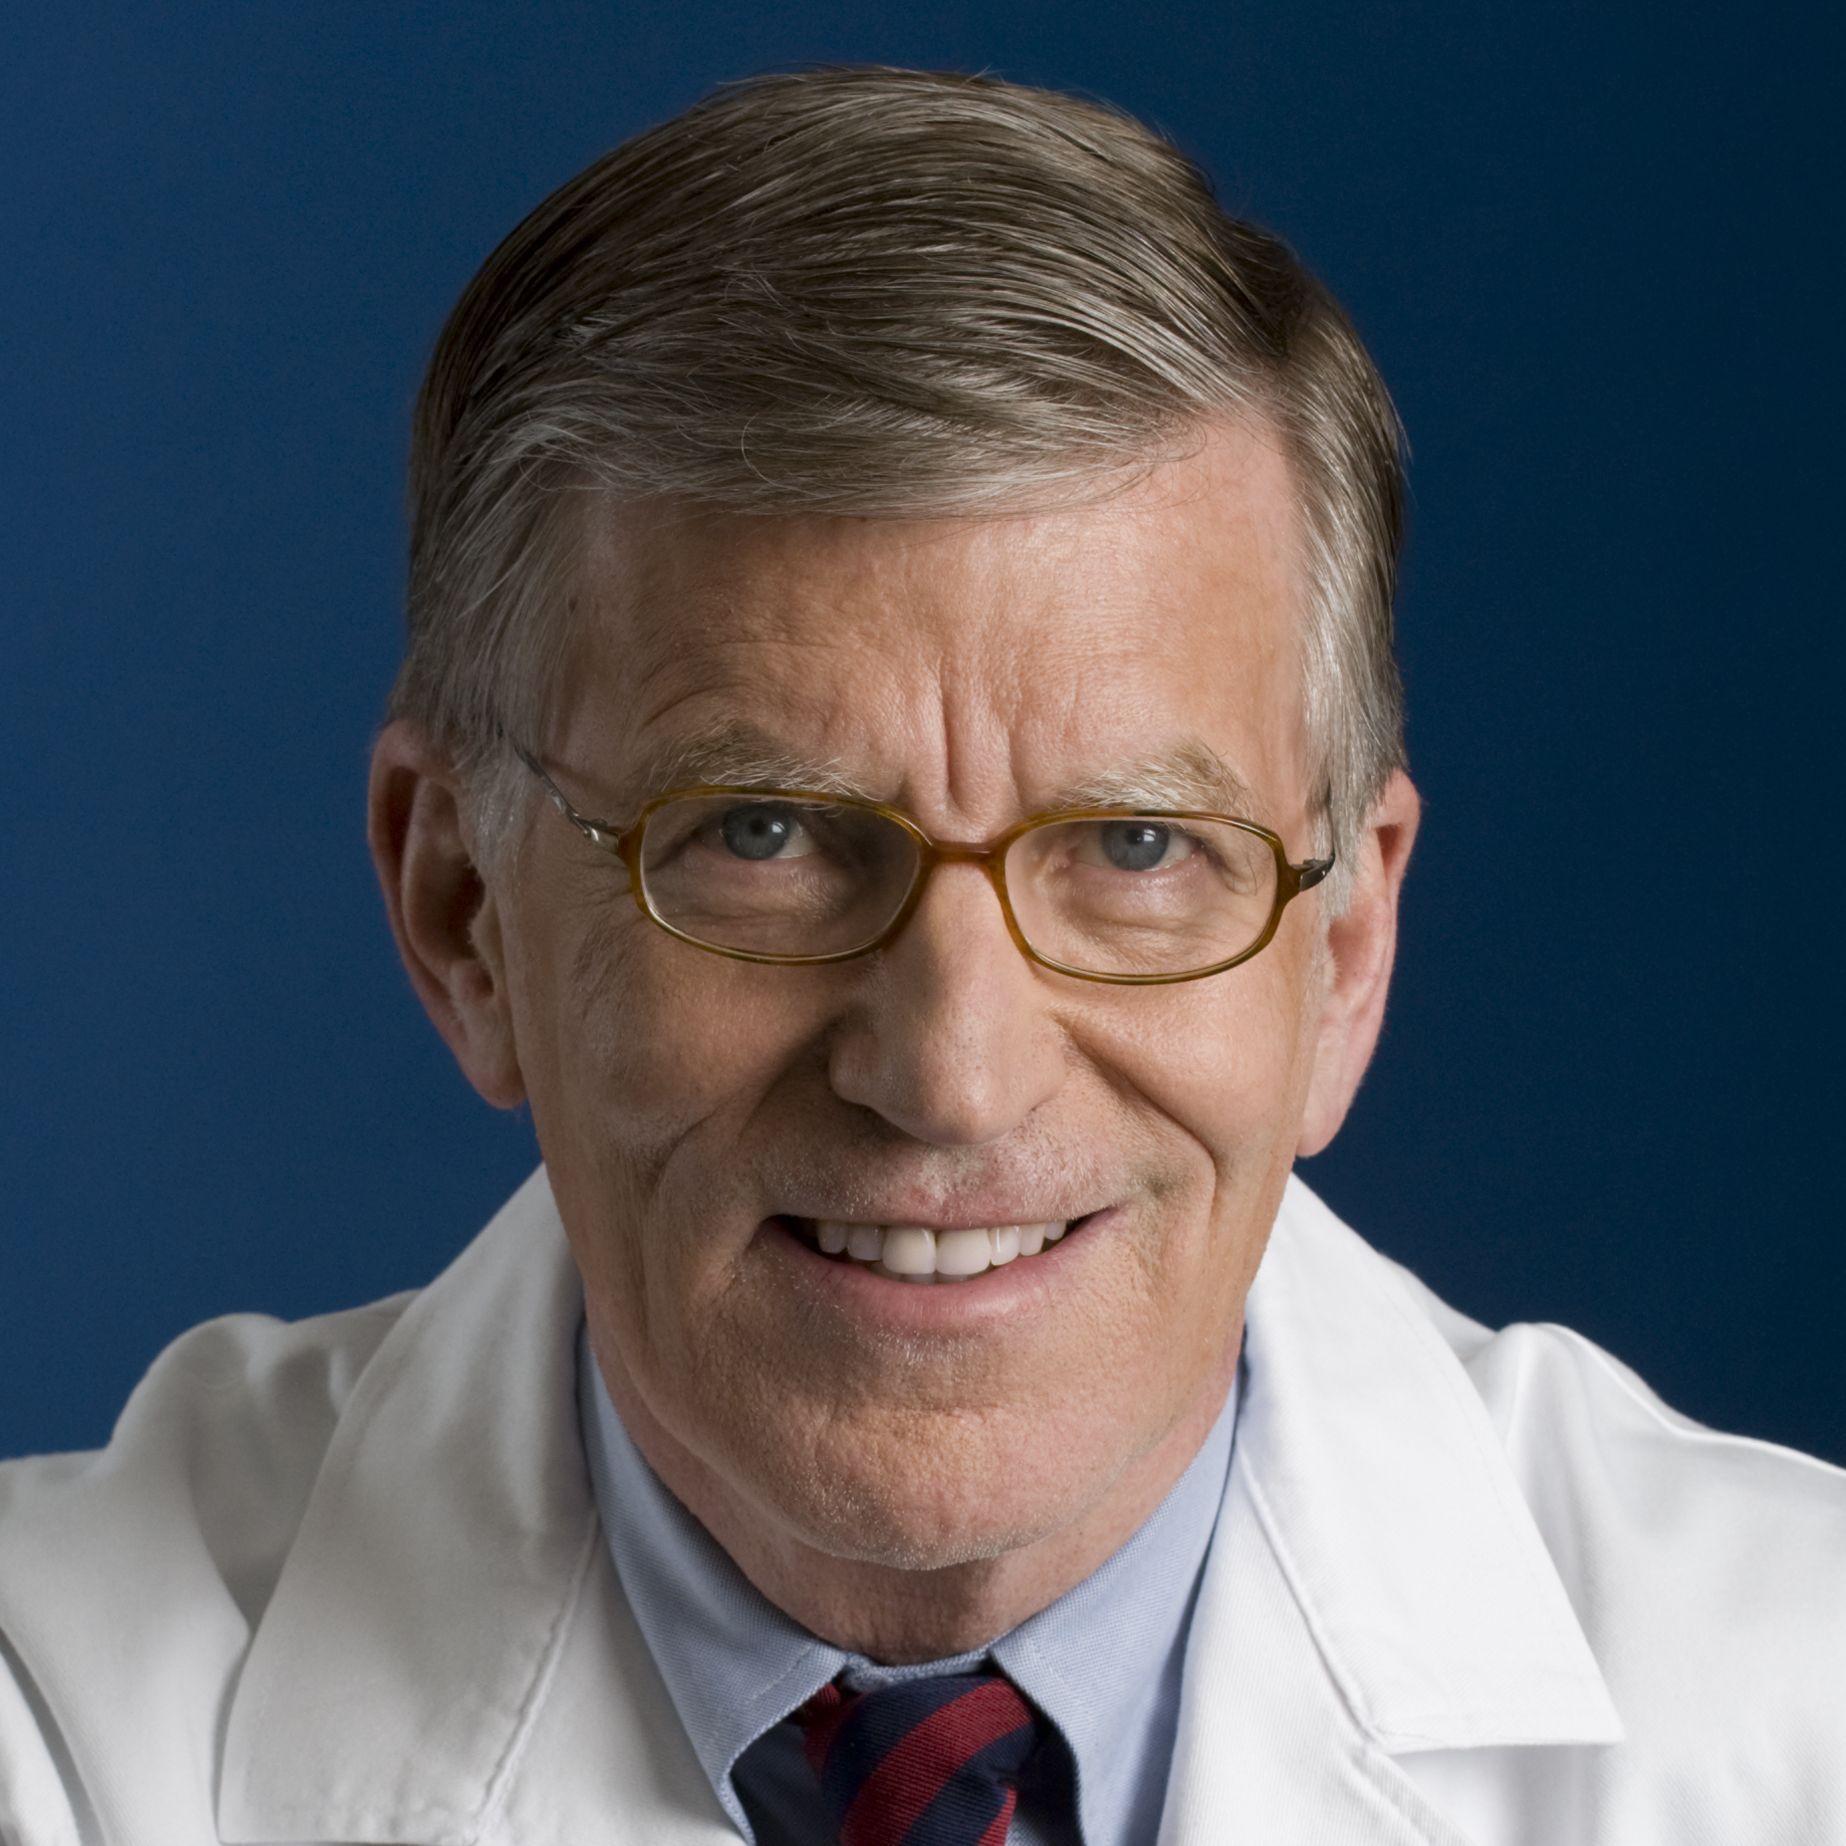 美国贝勒医学院教授John